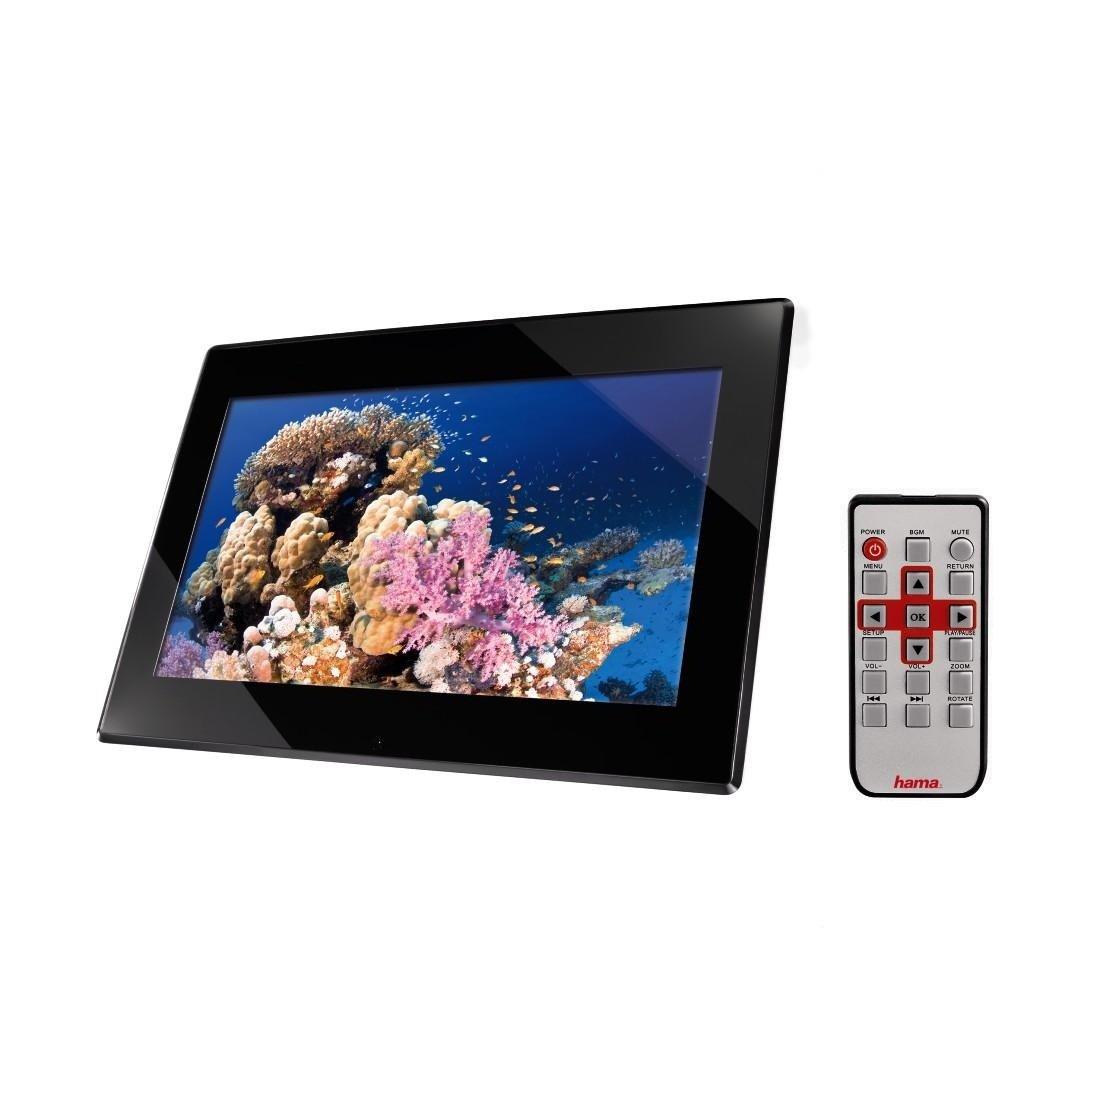 Hama Premium Digitaler Bilderrahmen 15,6 Zoll schwarz: Amazon.de: Kamera